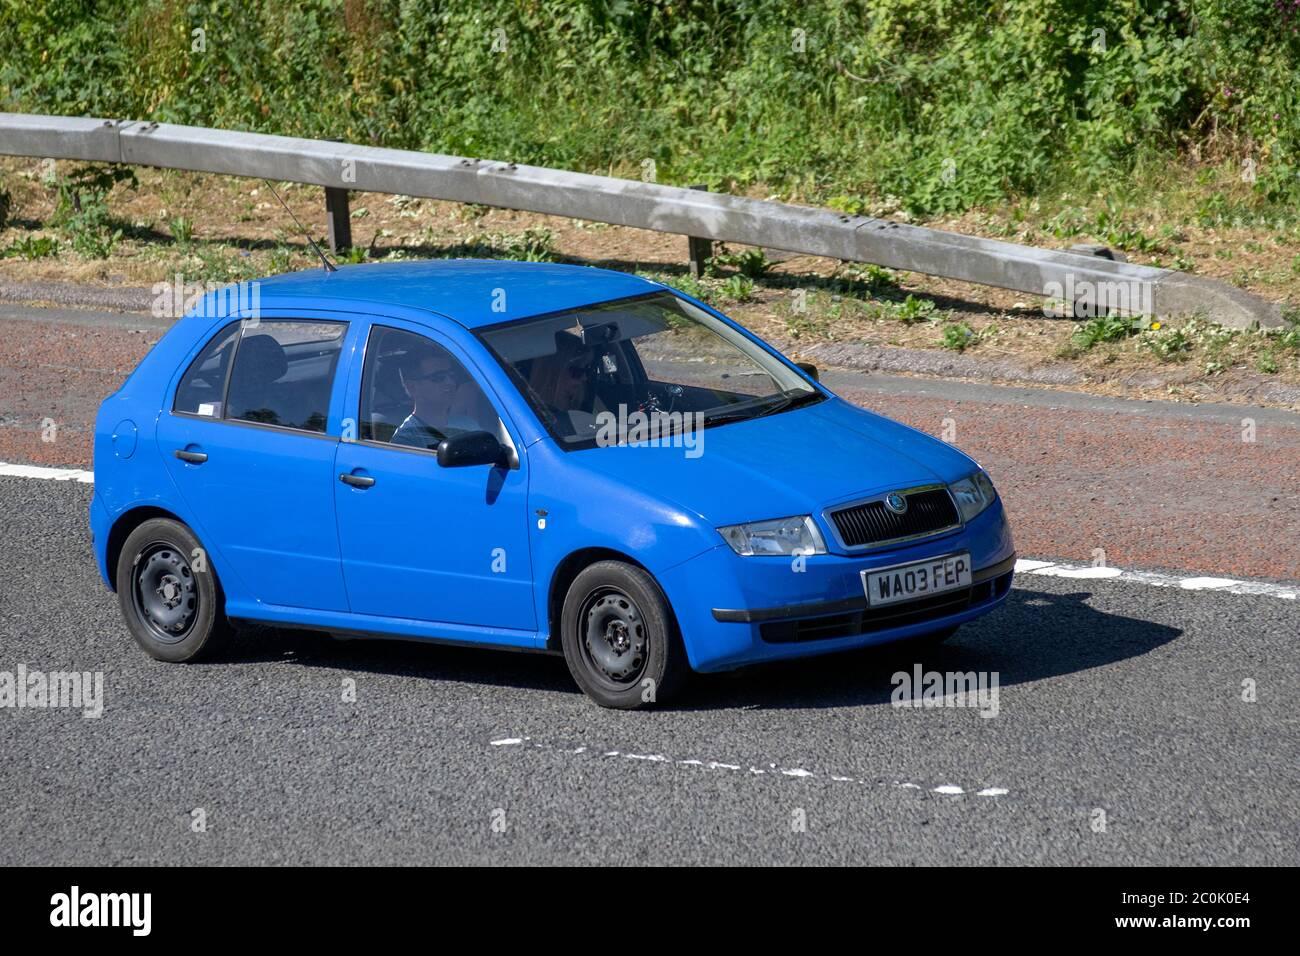 [Image: 2003-blue-koda-fabia-classic-12-htp-54-v...C0K0E4.jpg]